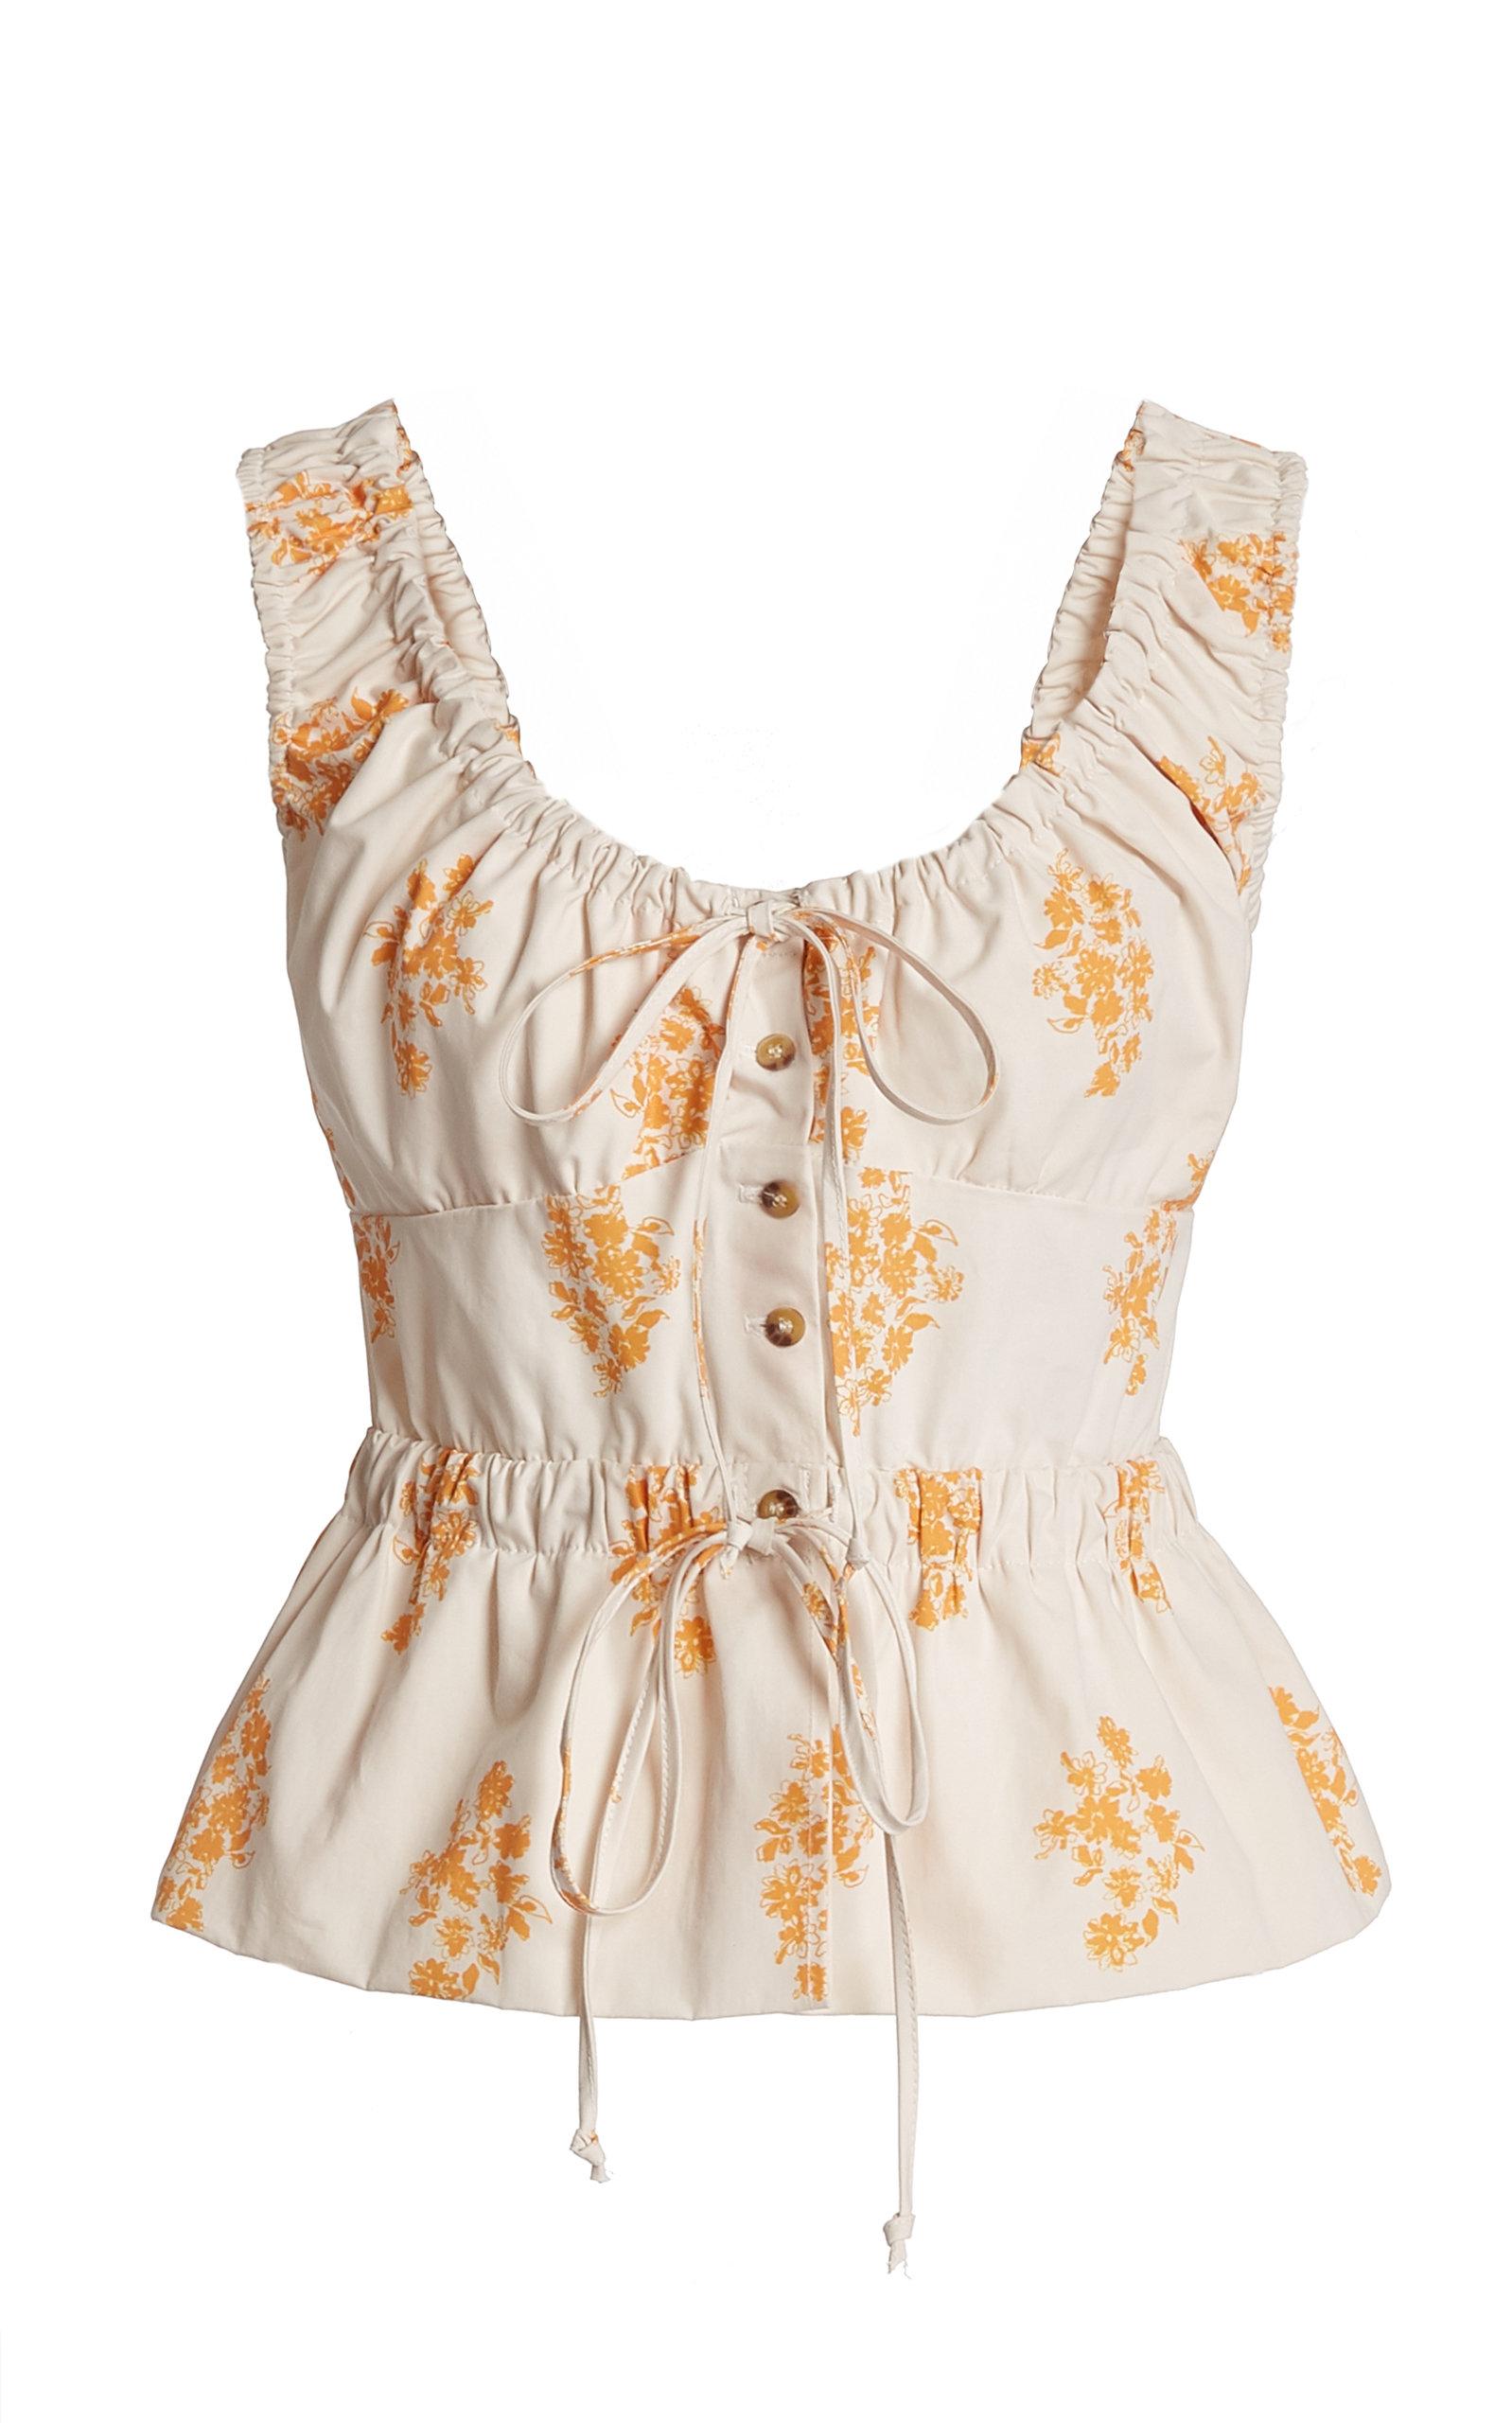 Women's Ilaria Printed Cotton Top